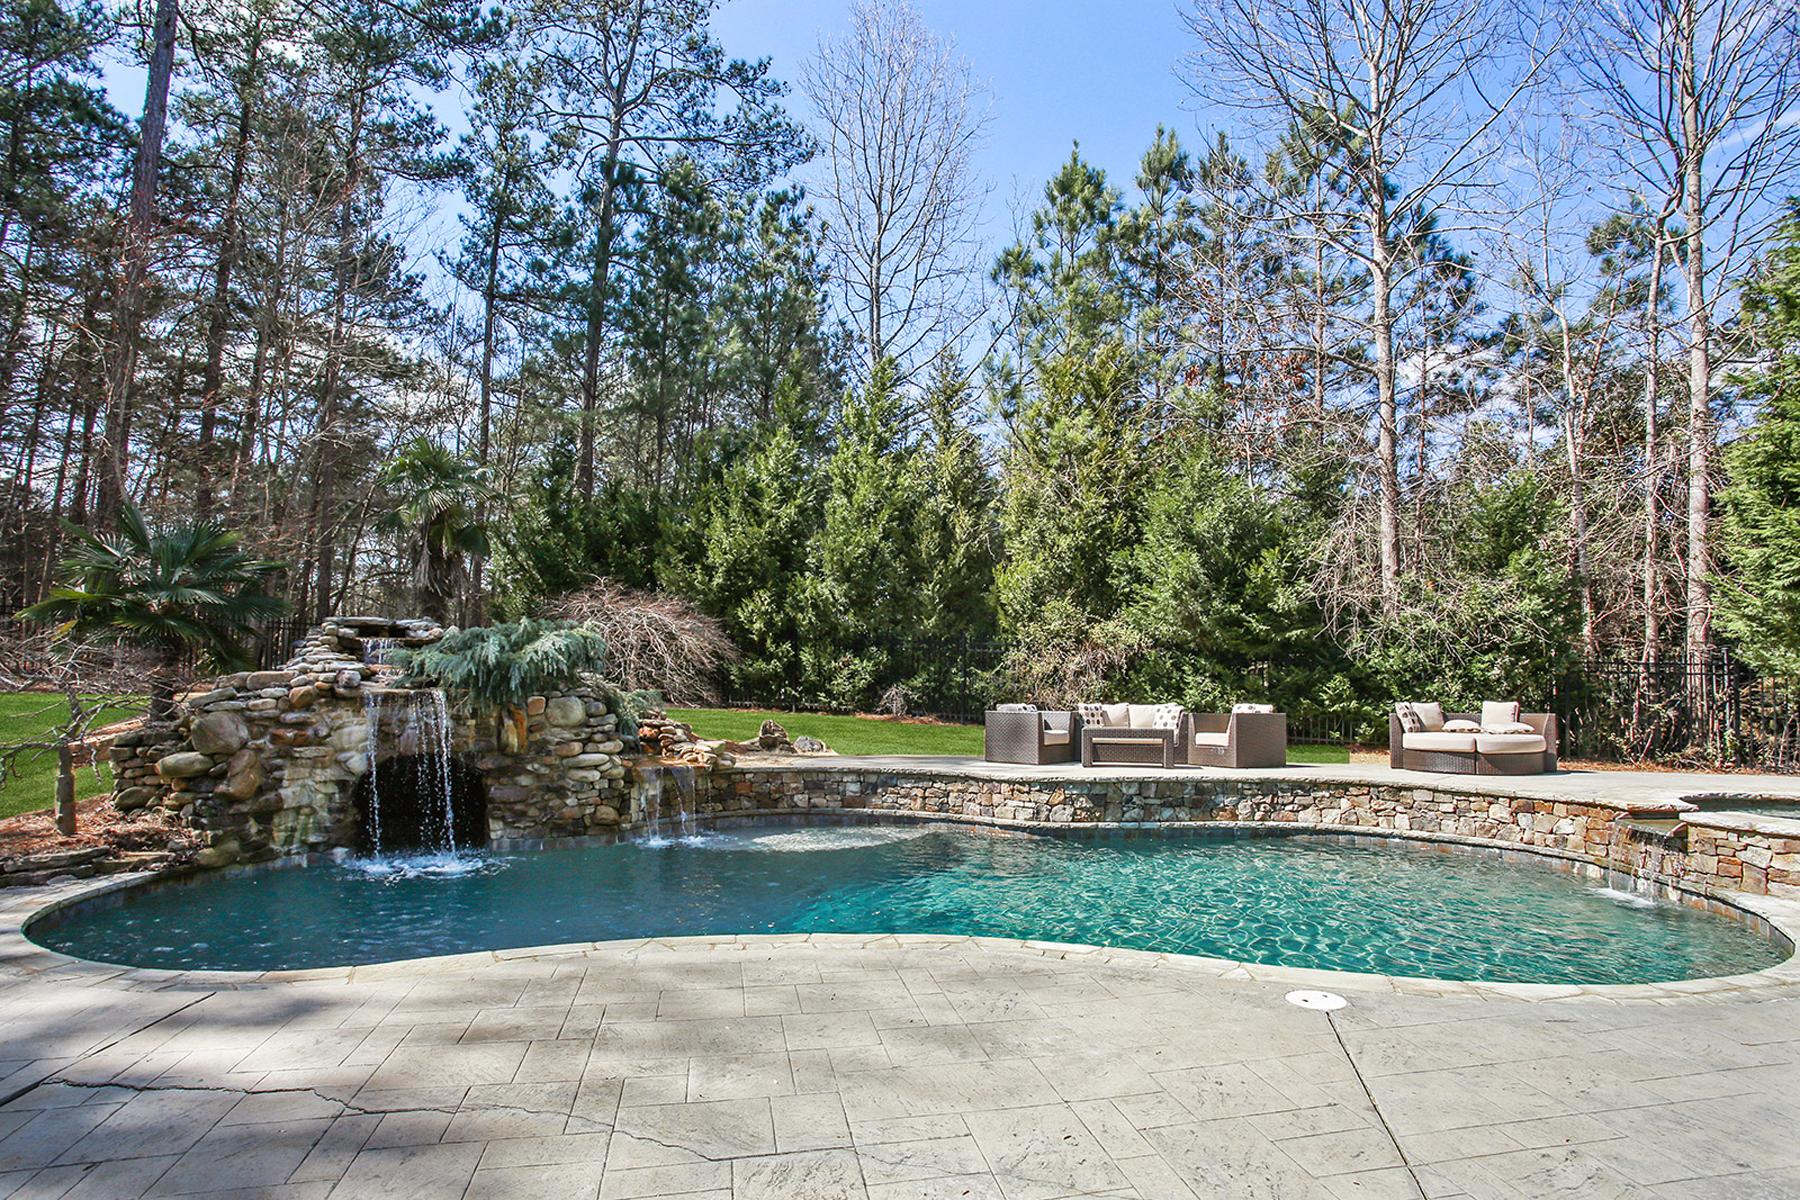 独户住宅 为 销售 在 Majestic European Estate 130 Ardsley Lane 阿法乐特, 乔治亚州, 30005 美国